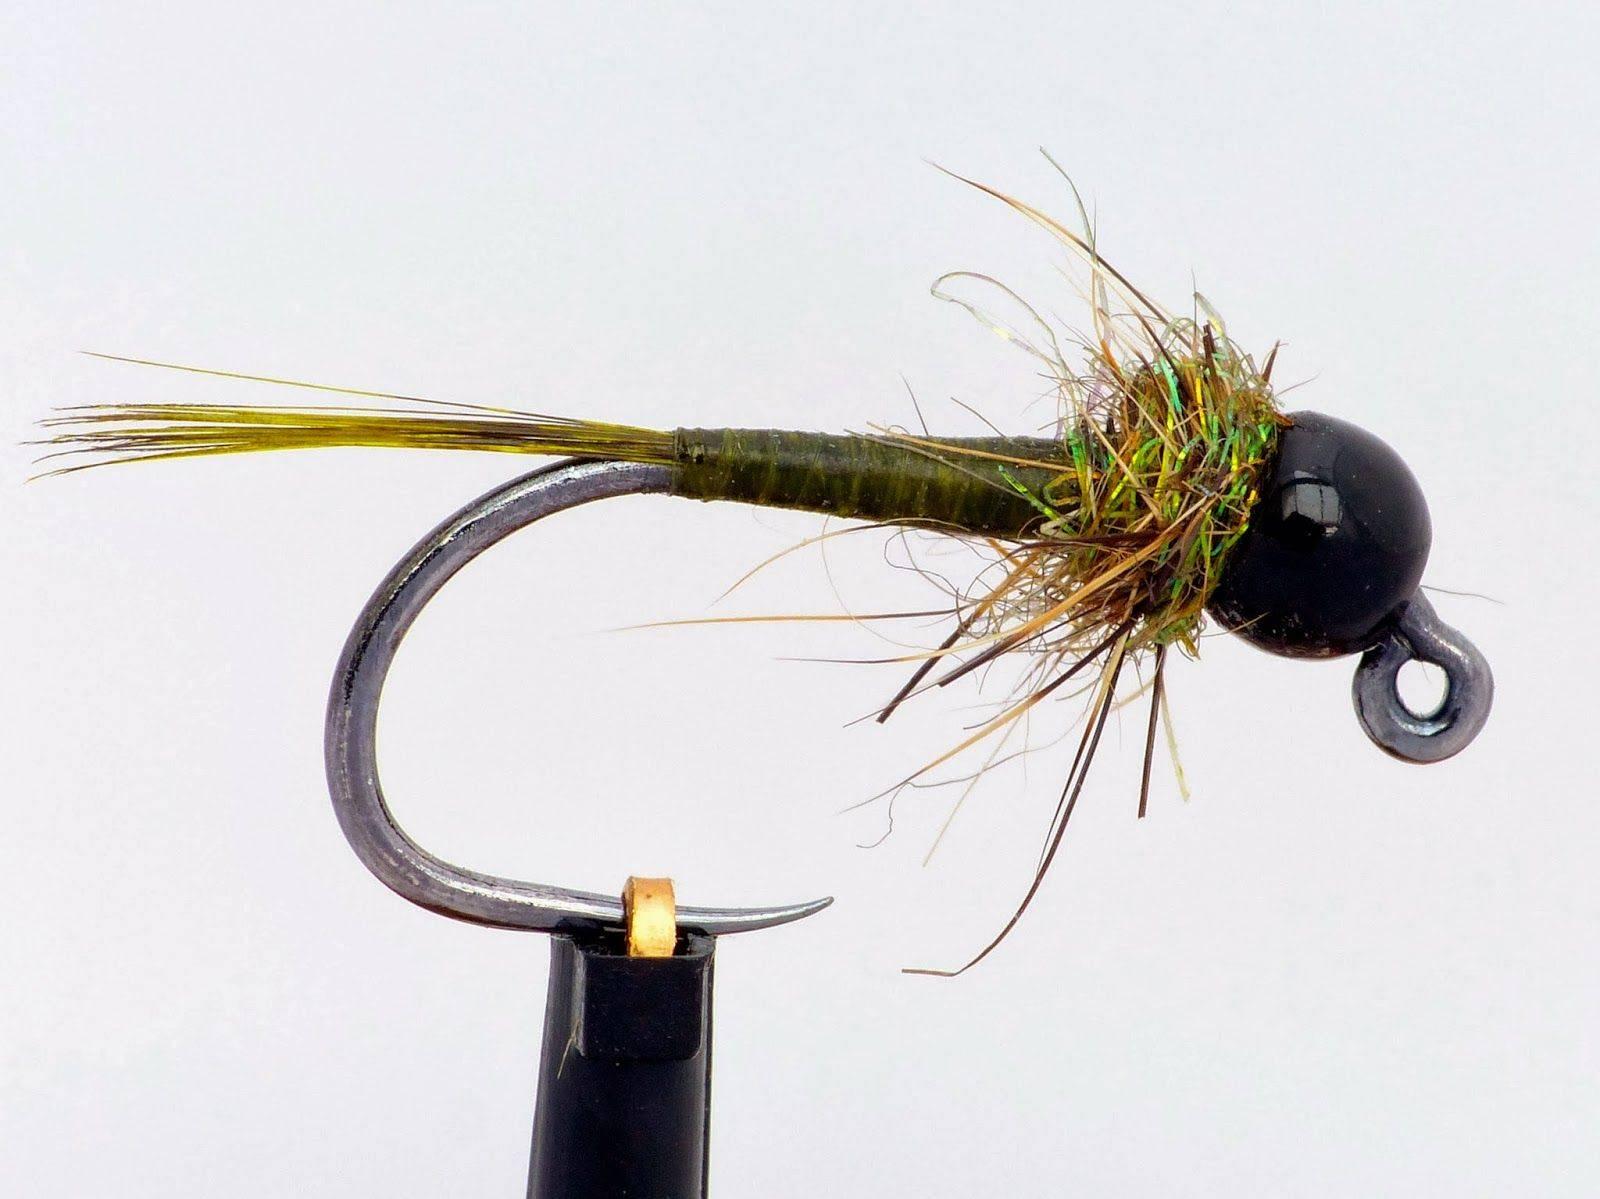 Рыбалка на спиннинг: техника ловли хищника на мушку. как пользоваться им с лодки? виды и способы спиннинговой ловли, как держать и определить поклевку